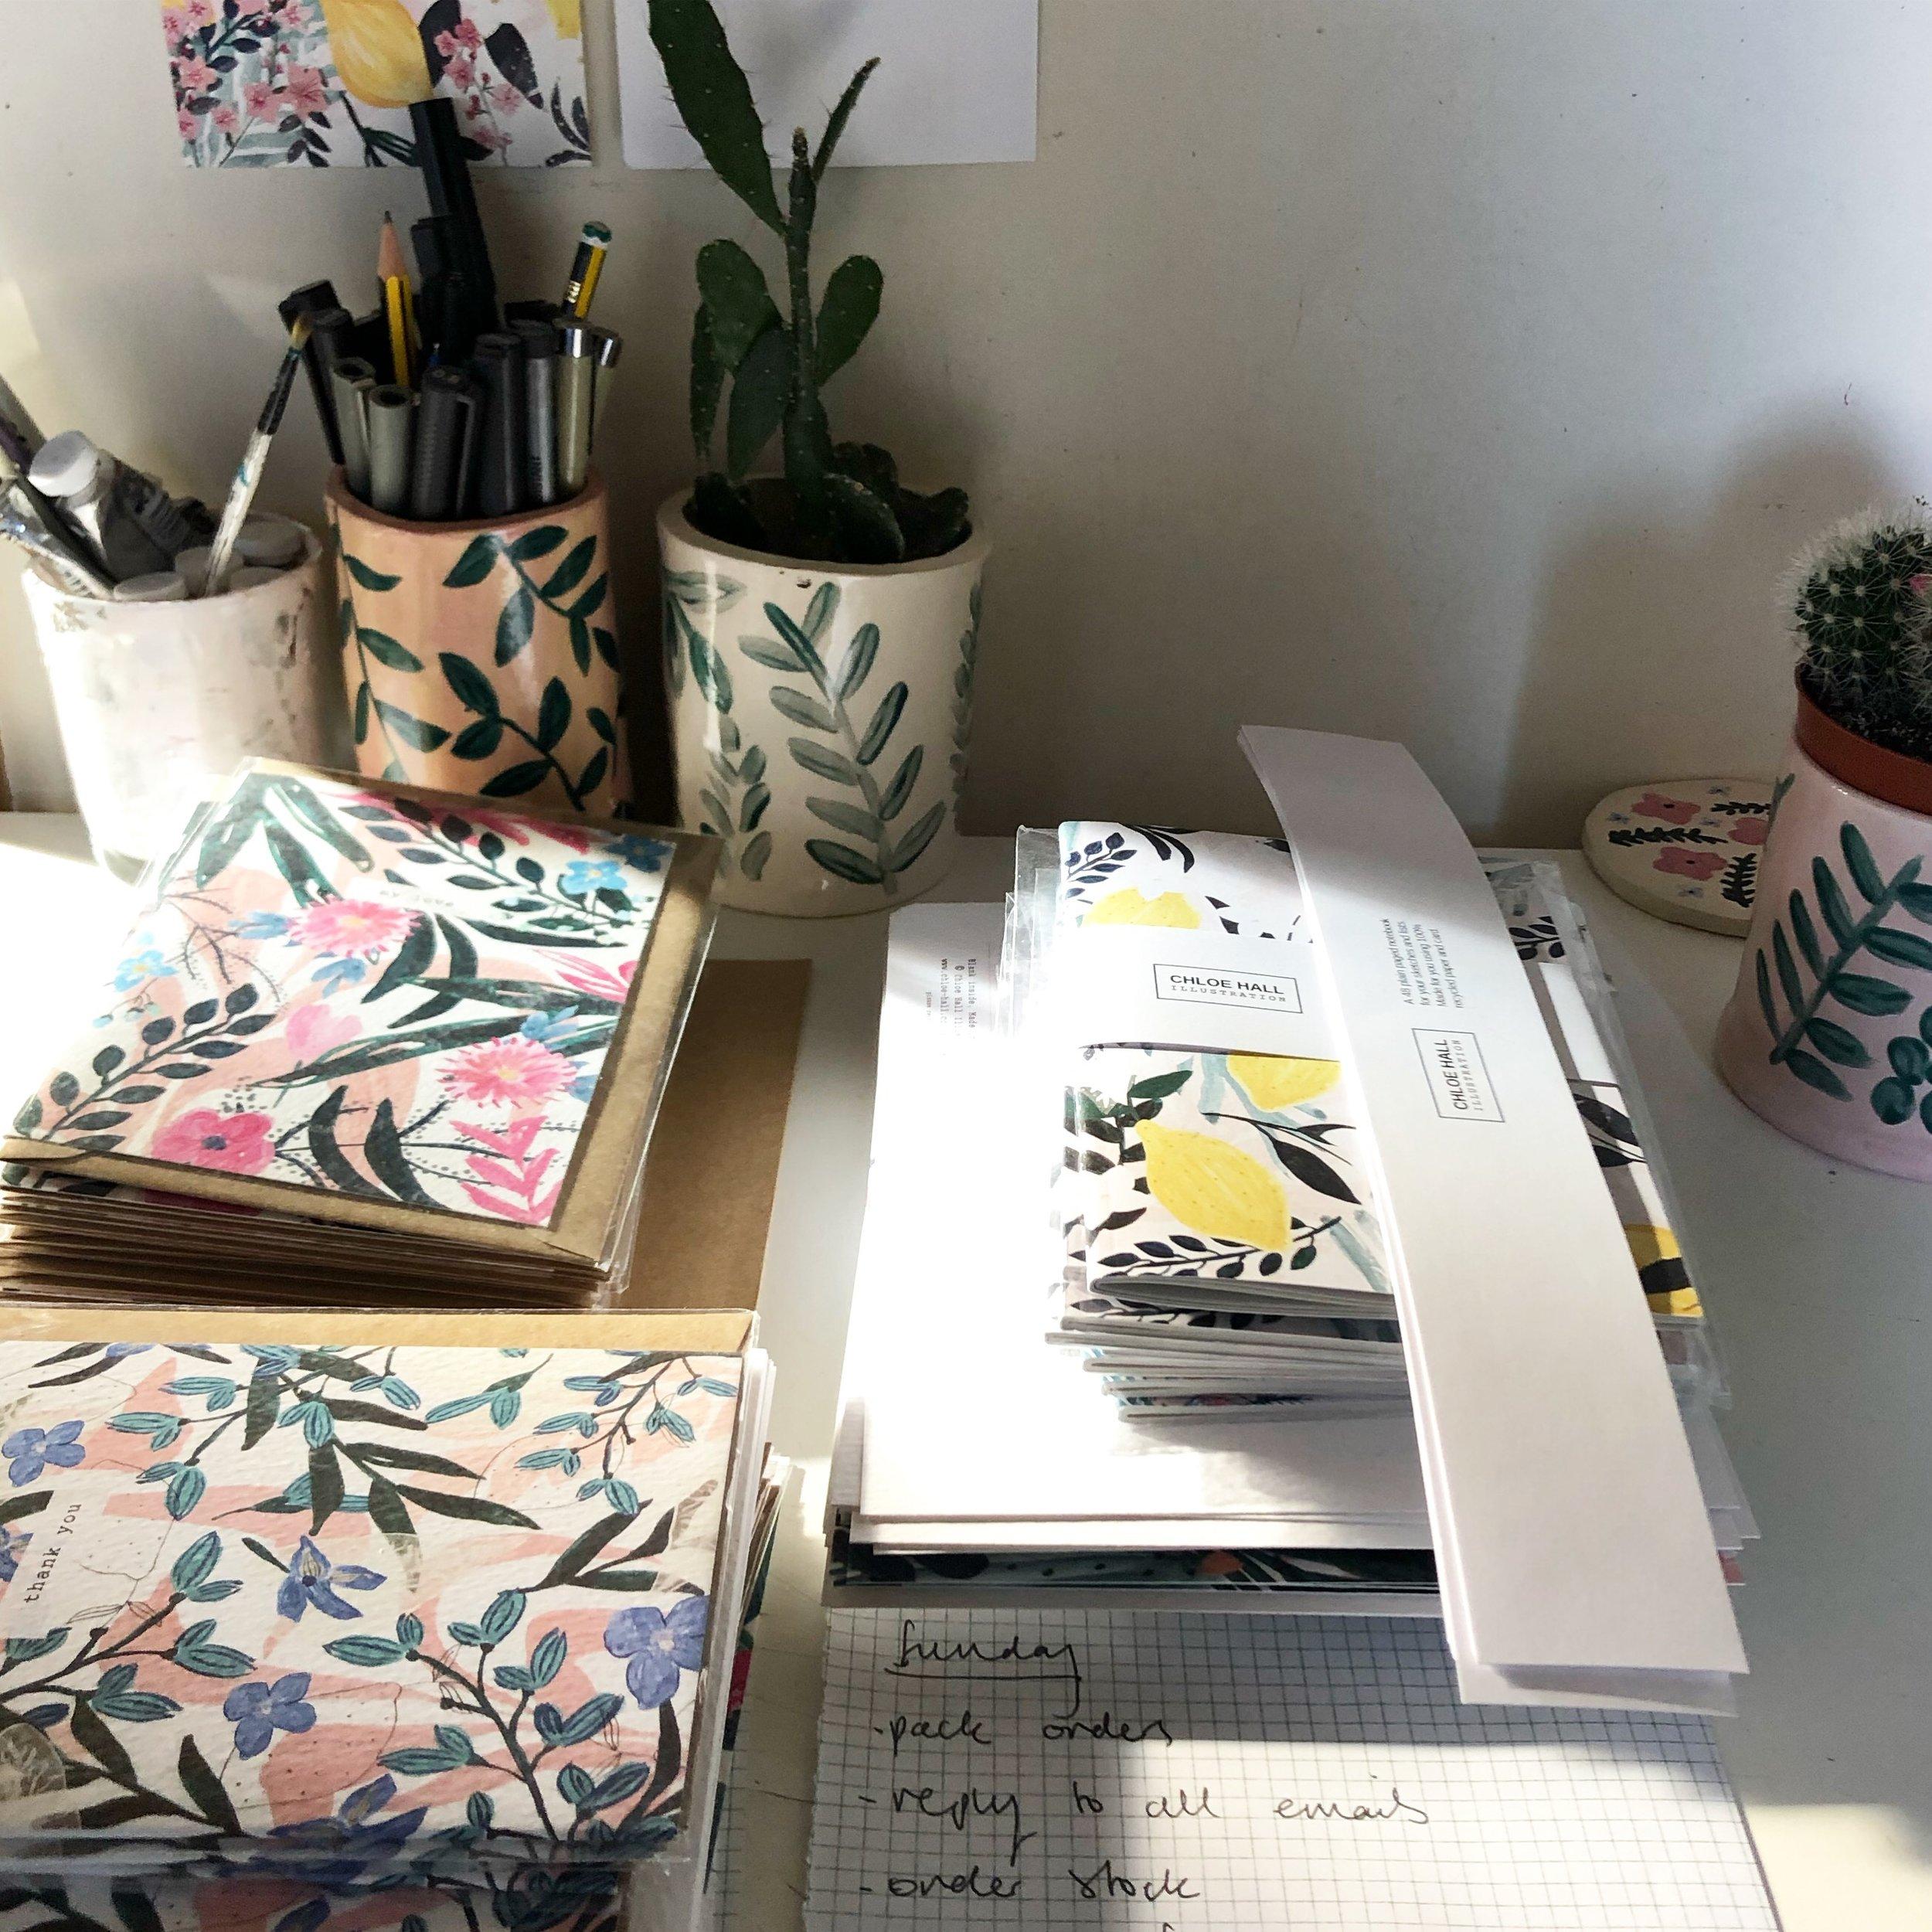 Where Makers Make_Chloe Hall_Illustration_Art Studio Tour_4.JPG